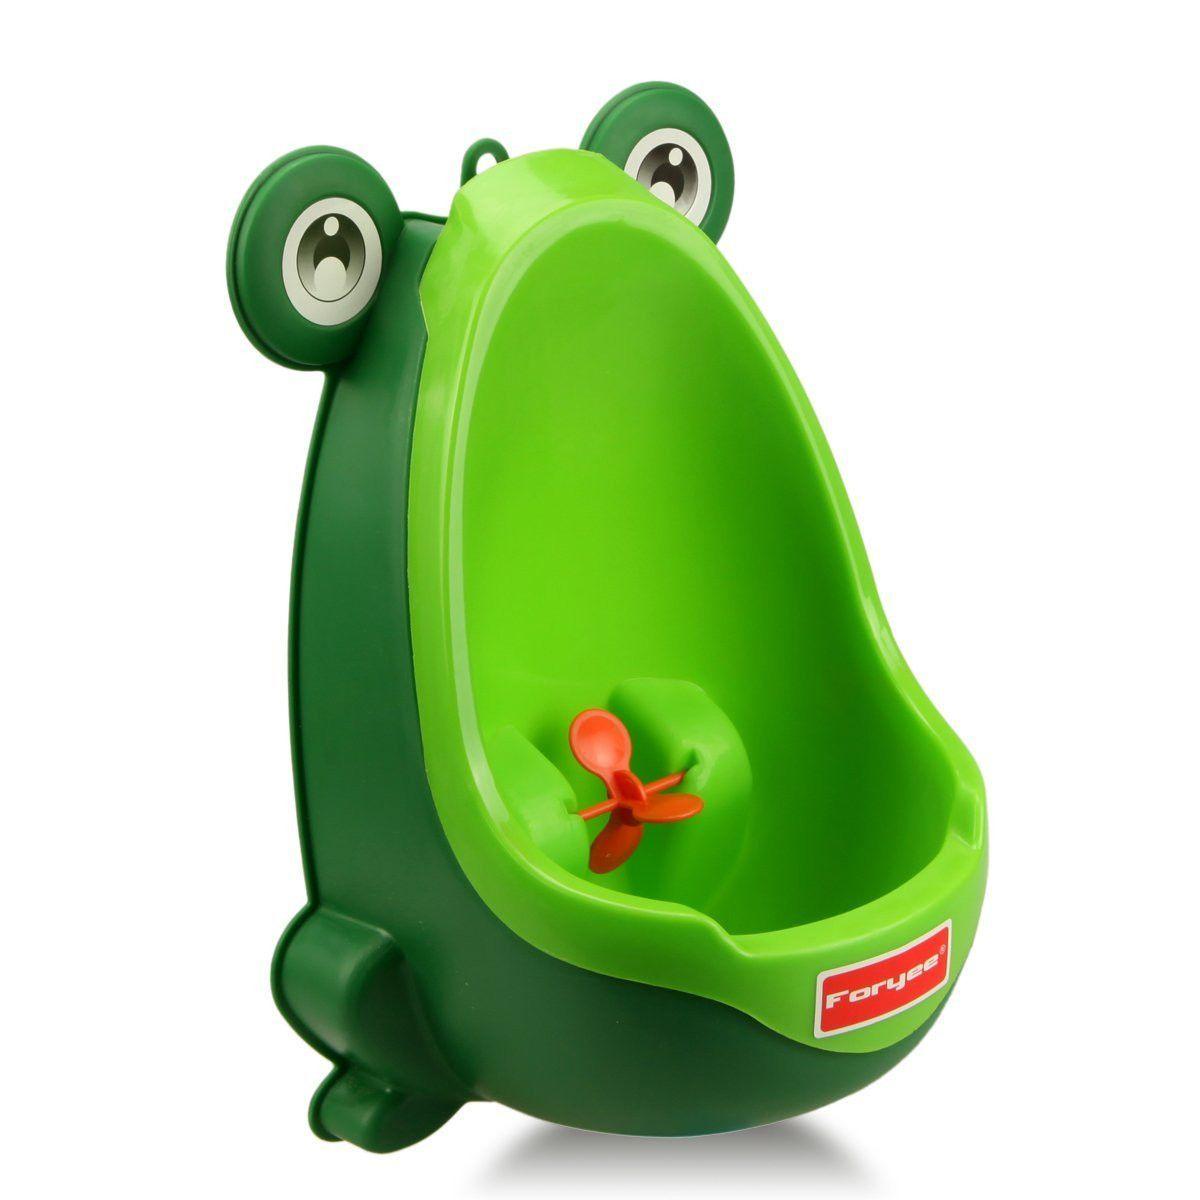 die besten 25 baby toilette ideen auf pinterest kleinkind toilette klorollen basteln und. Black Bedroom Furniture Sets. Home Design Ideas